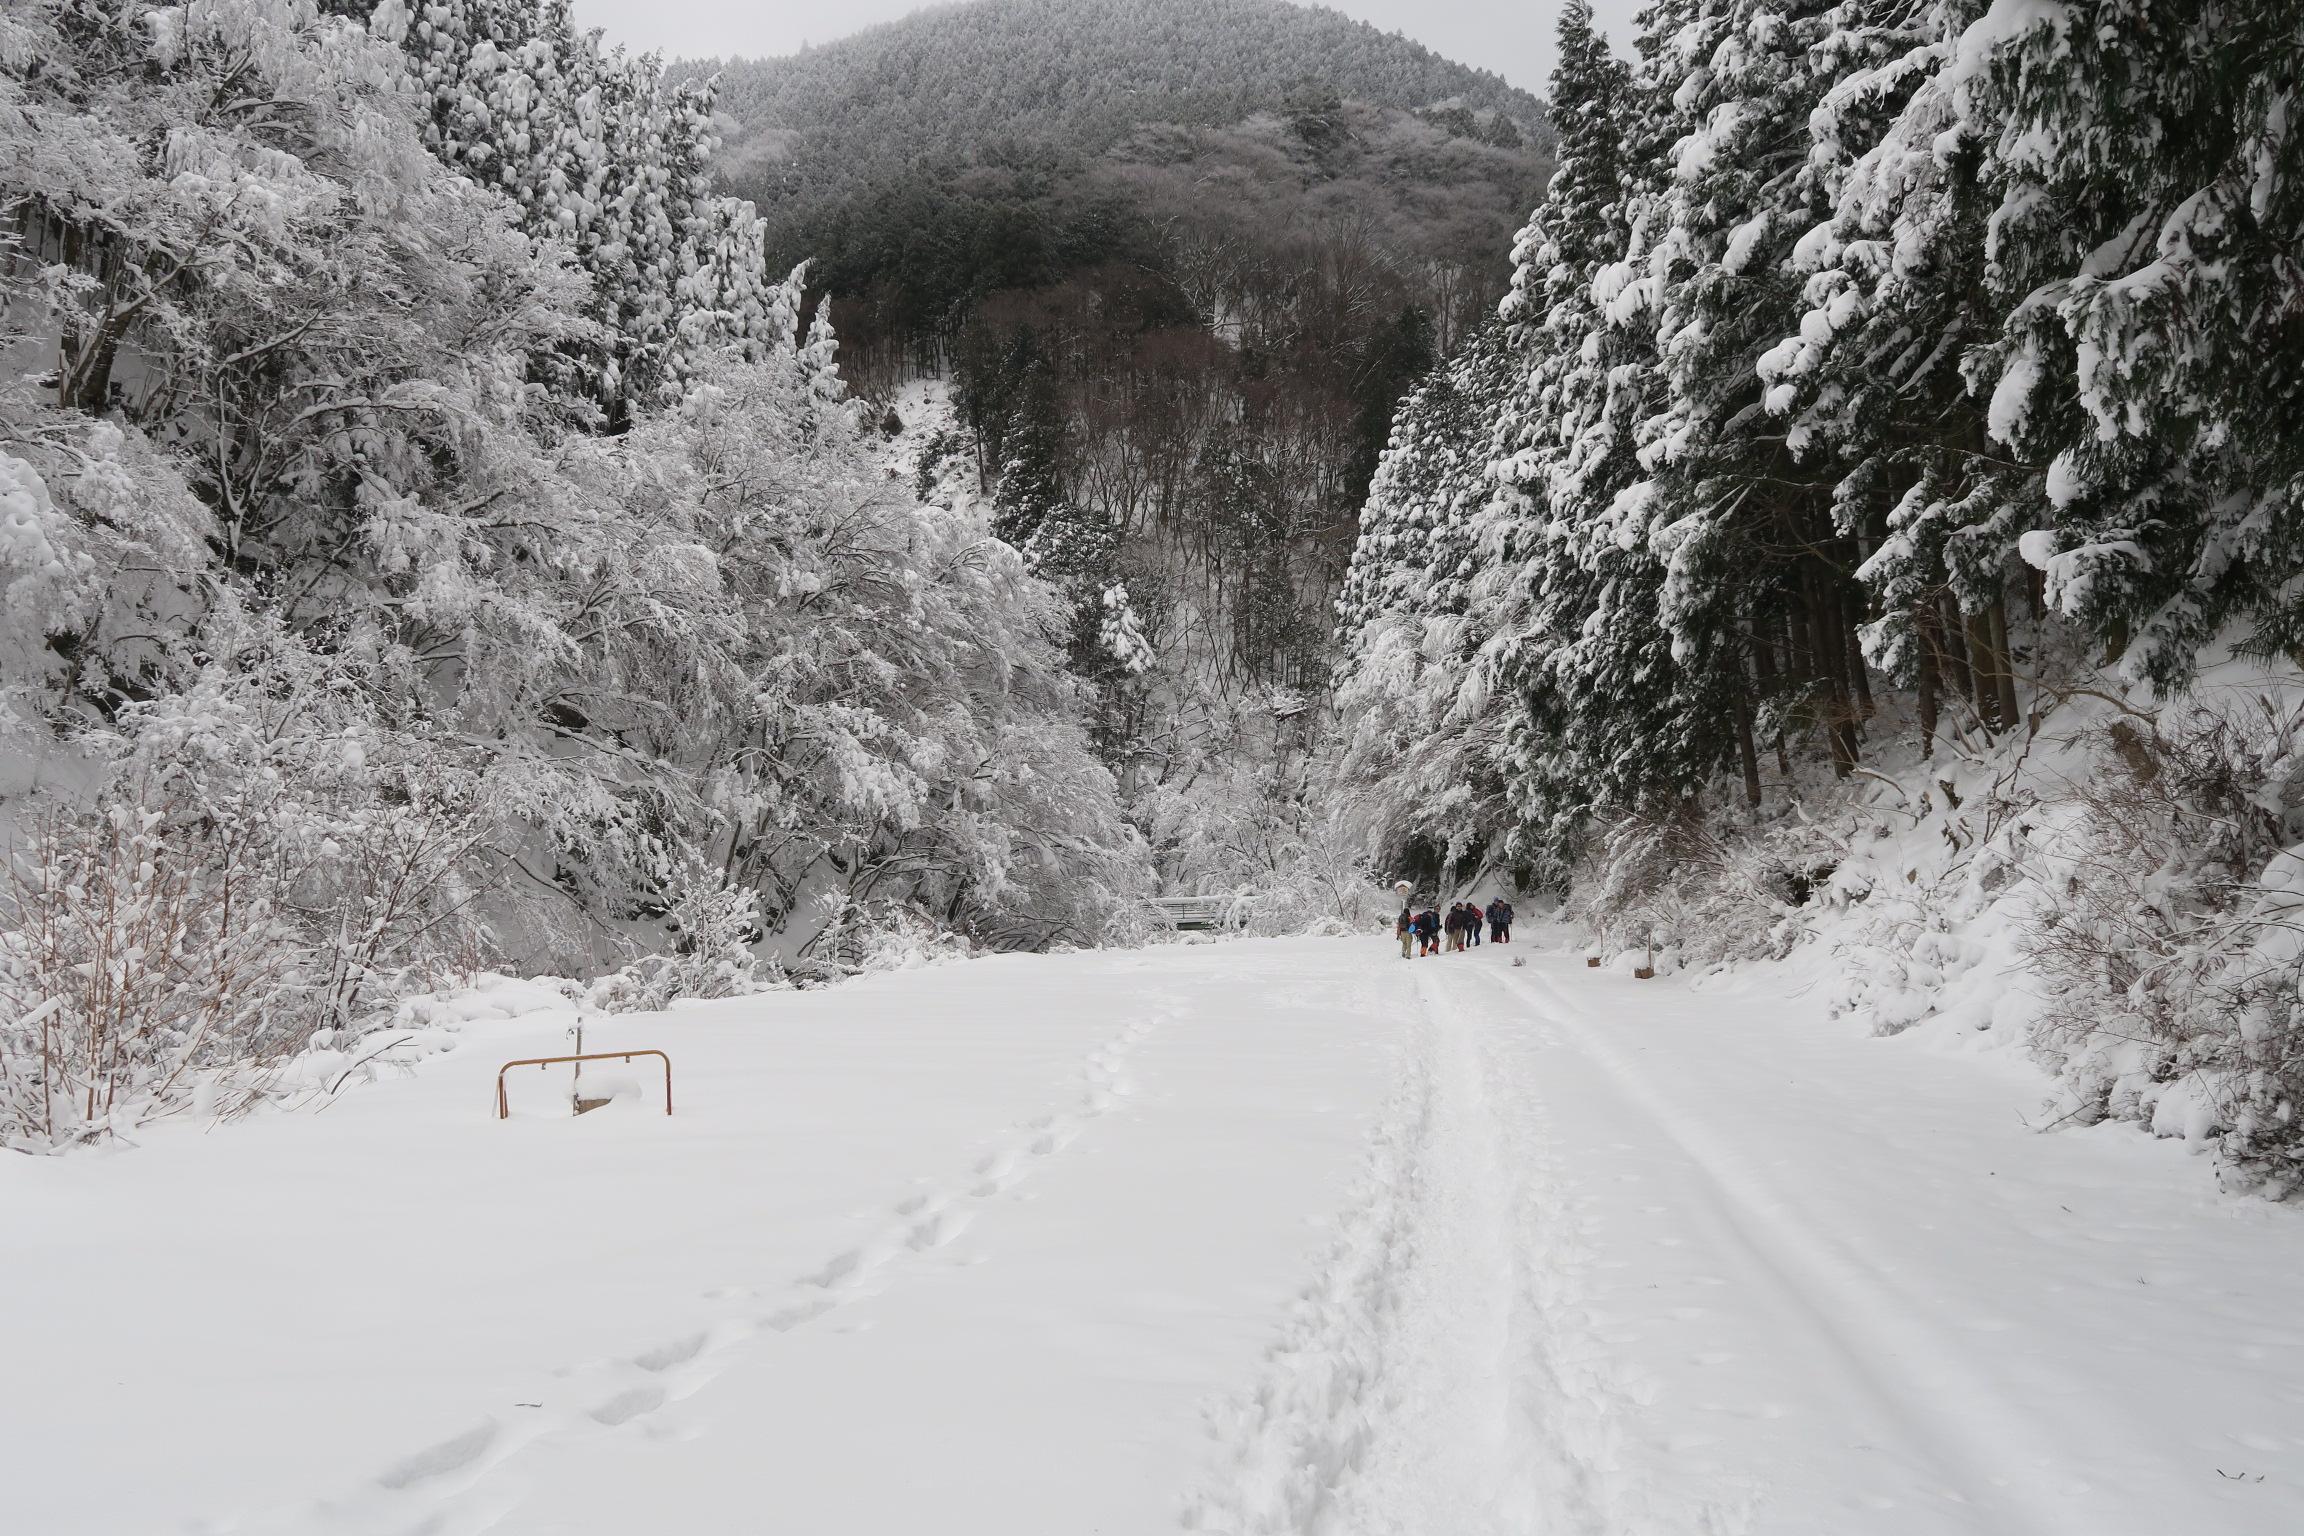 いつもなら満車の駐車場も雪が深いため辿りつけた車はゼロ。風も穏やかで降雪なし。